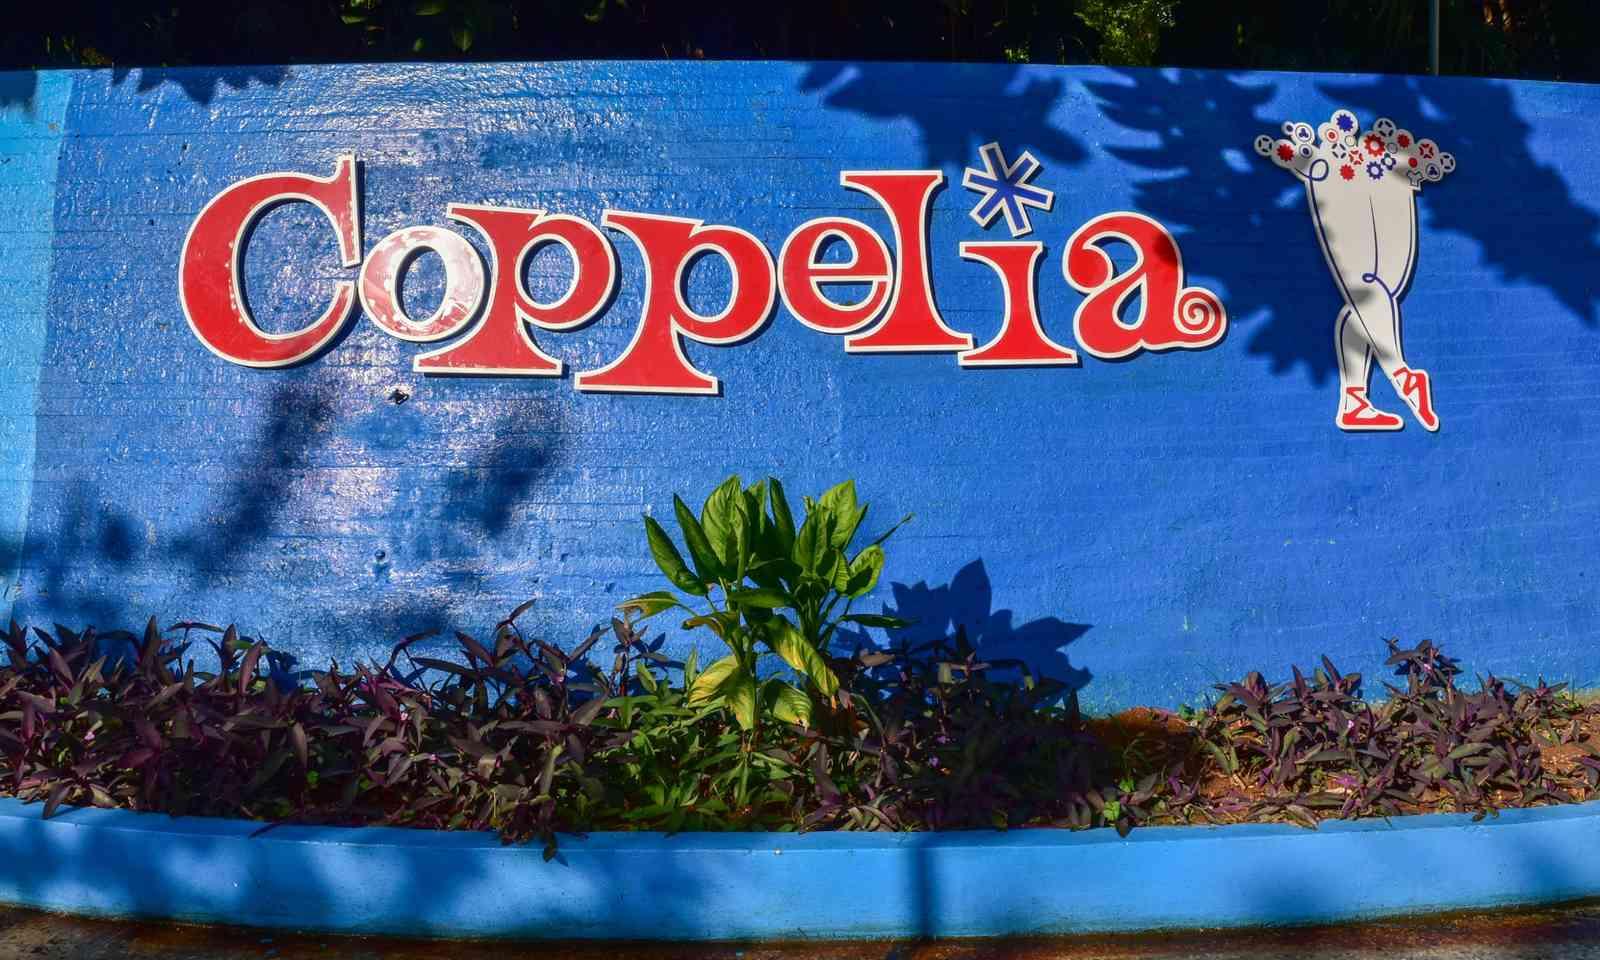 Coppelia Ice Cream parlour (Dreamstime)